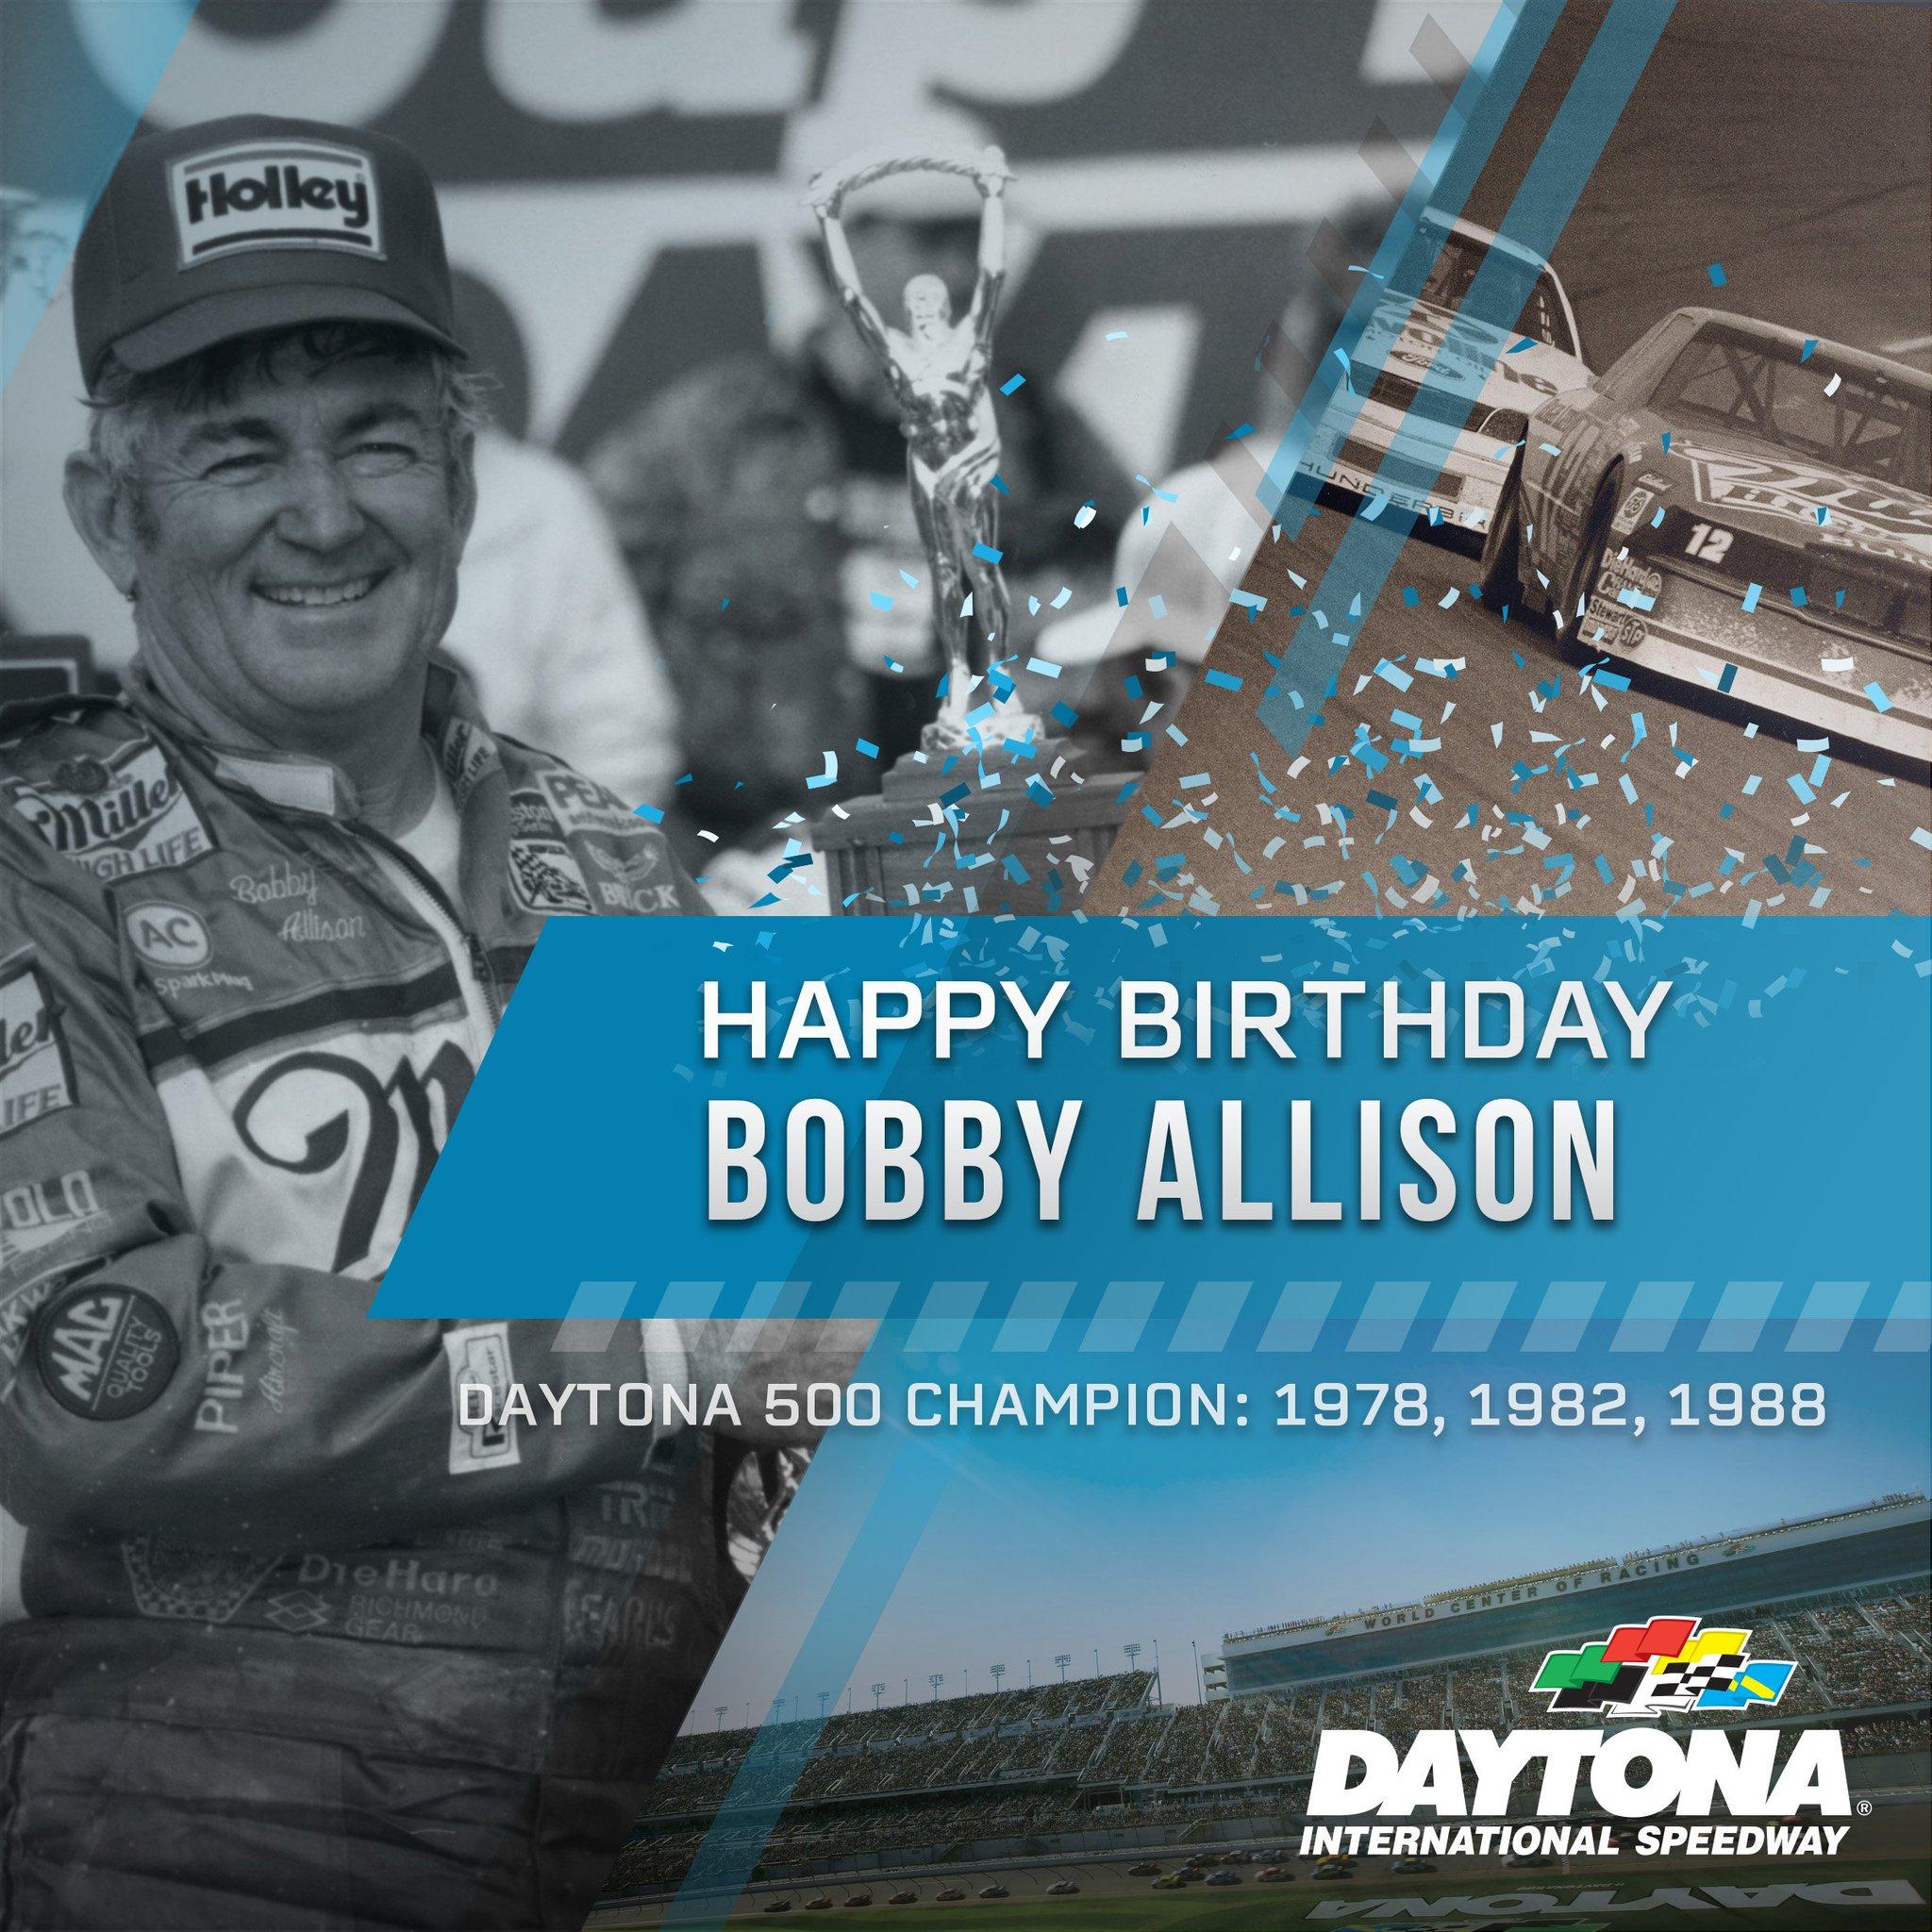 Happy Birthday to 3X Champion Bobby Allison!